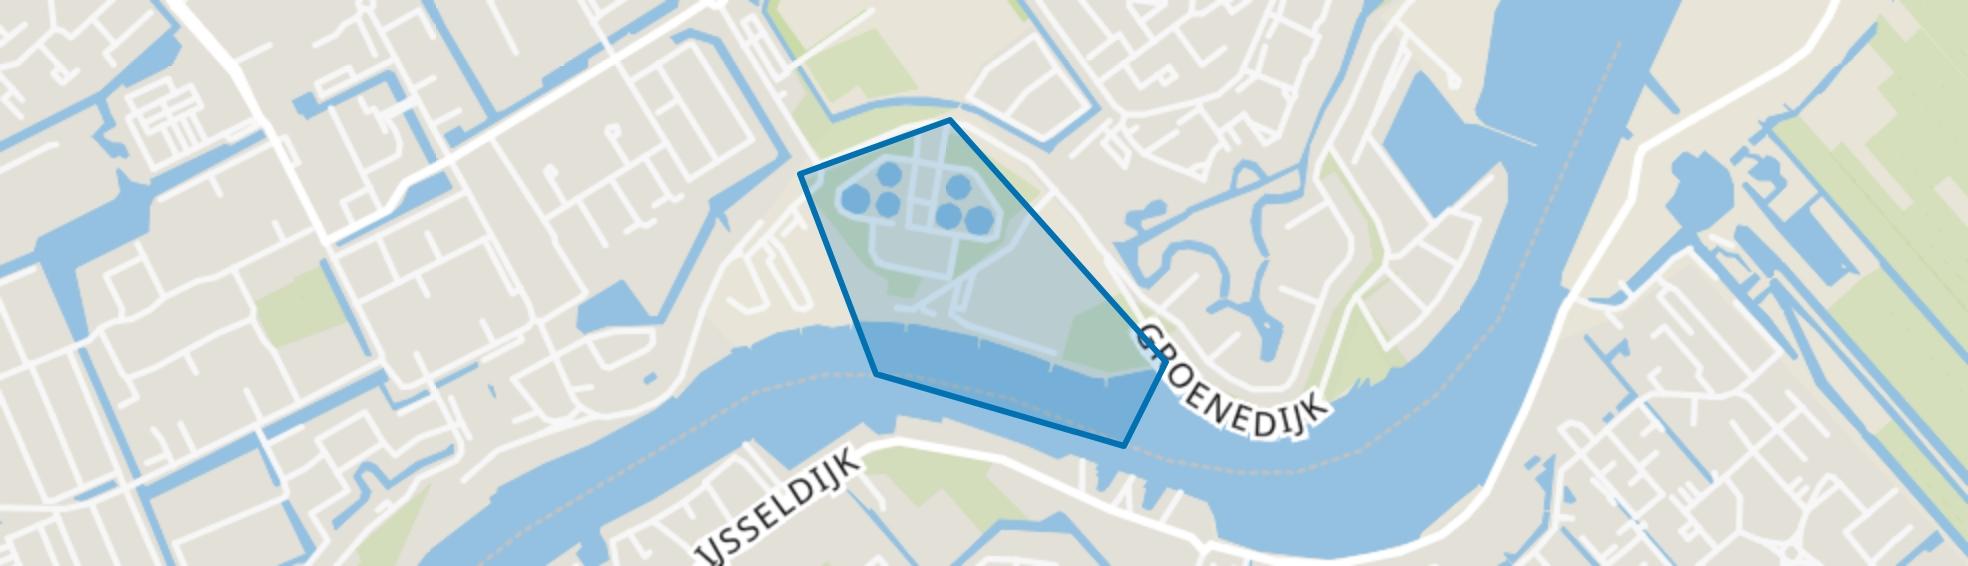 AWZI Oostgaarde, Capelle aan den IJssel map